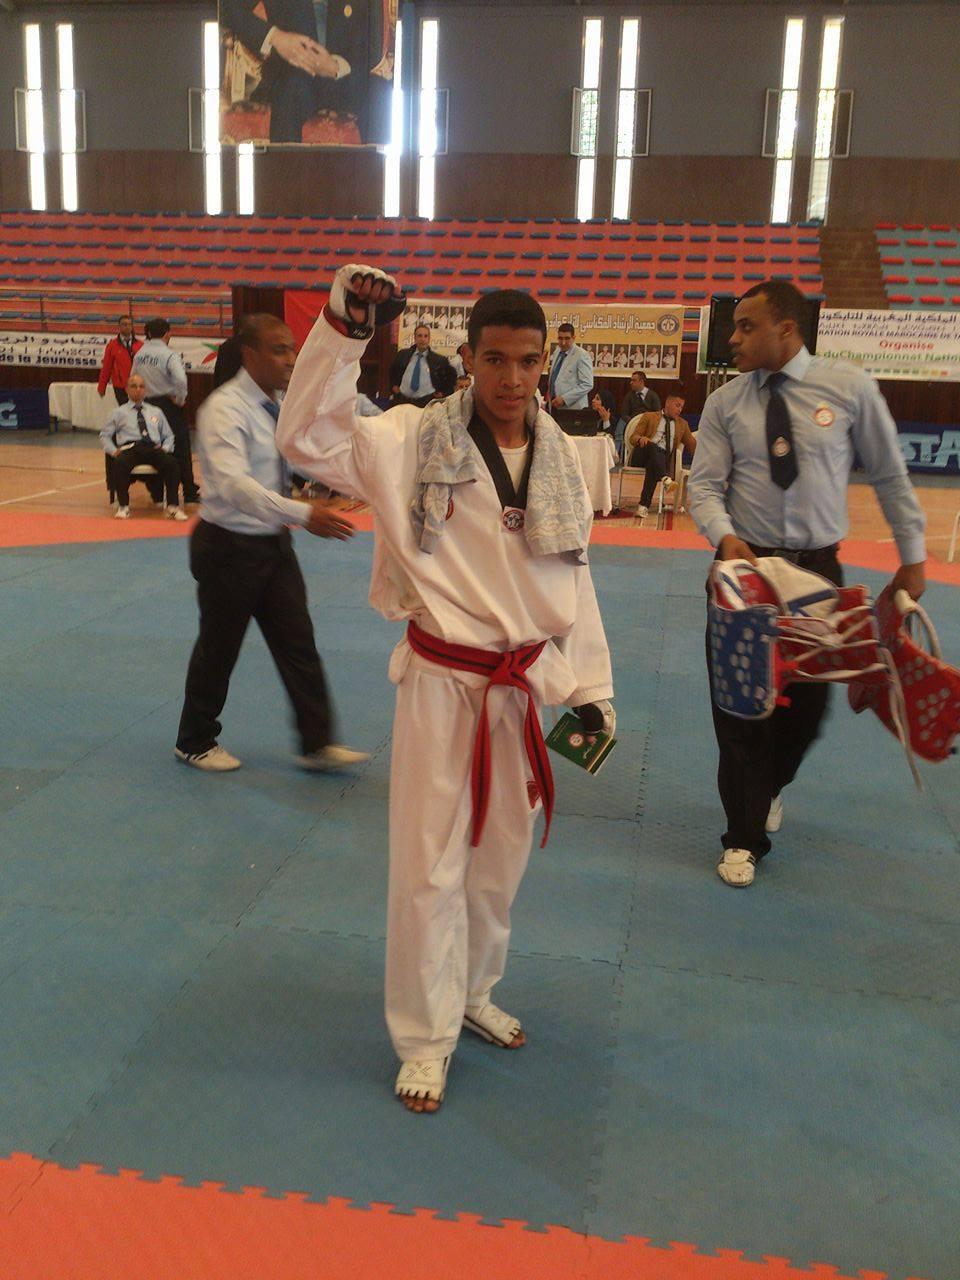 ابن مدينة ميدلت-أنس حجوبي- يتأهل لنهائيات البطولة الوطنية للتايكواندو